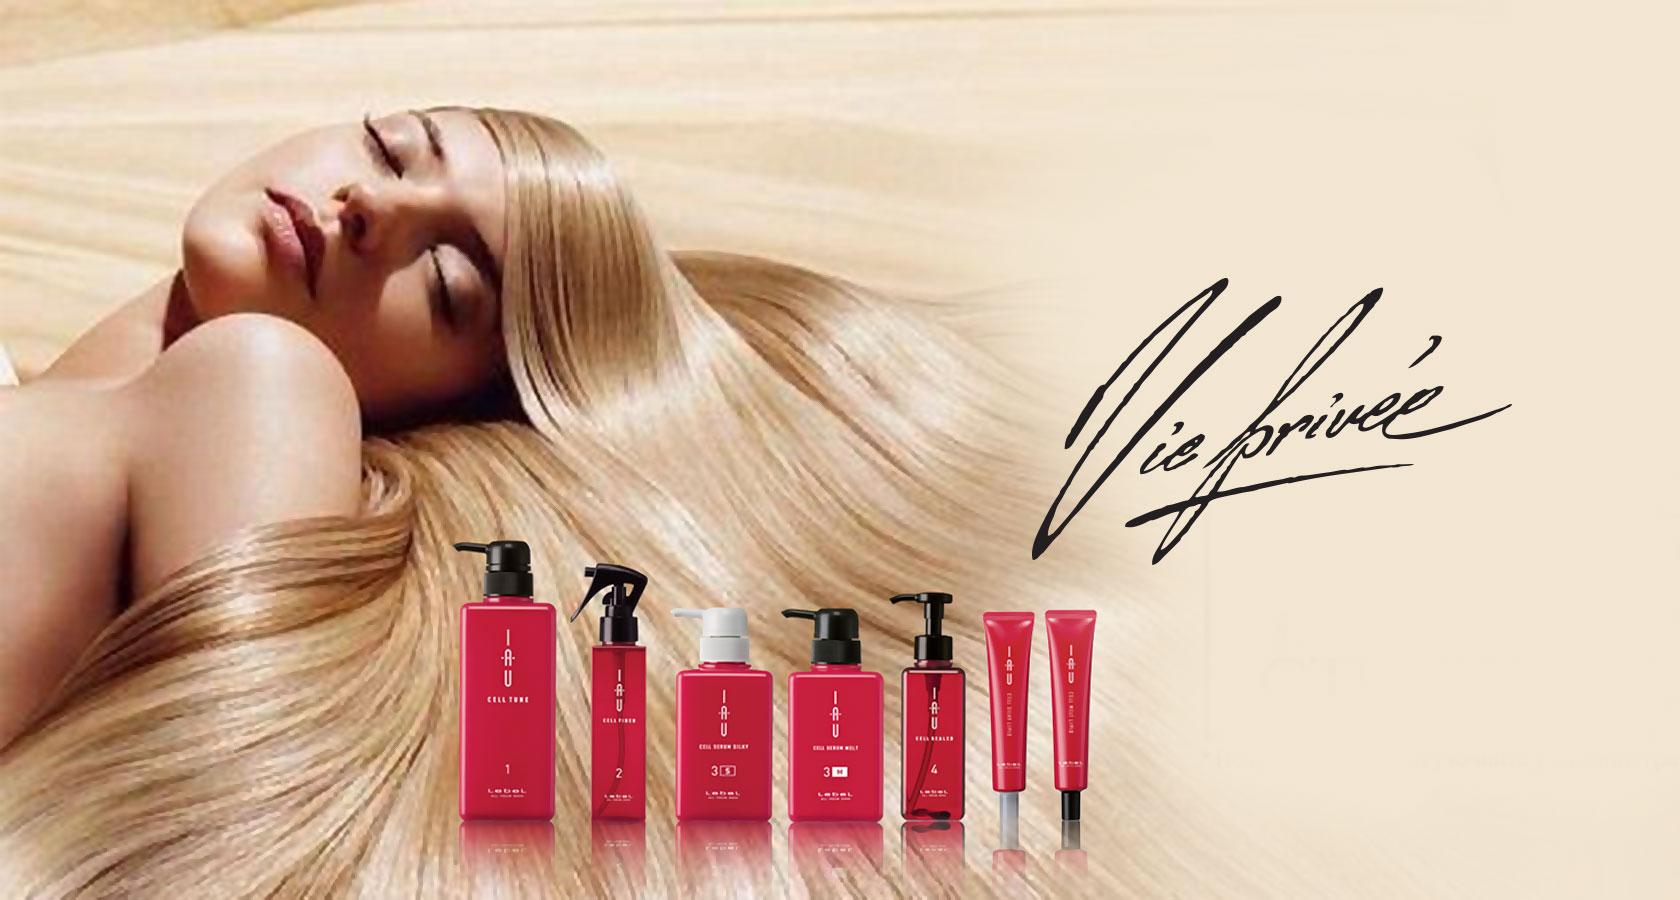 «Счастье для волос» – знаменитая процедура восстановления здоровья и красоты волос